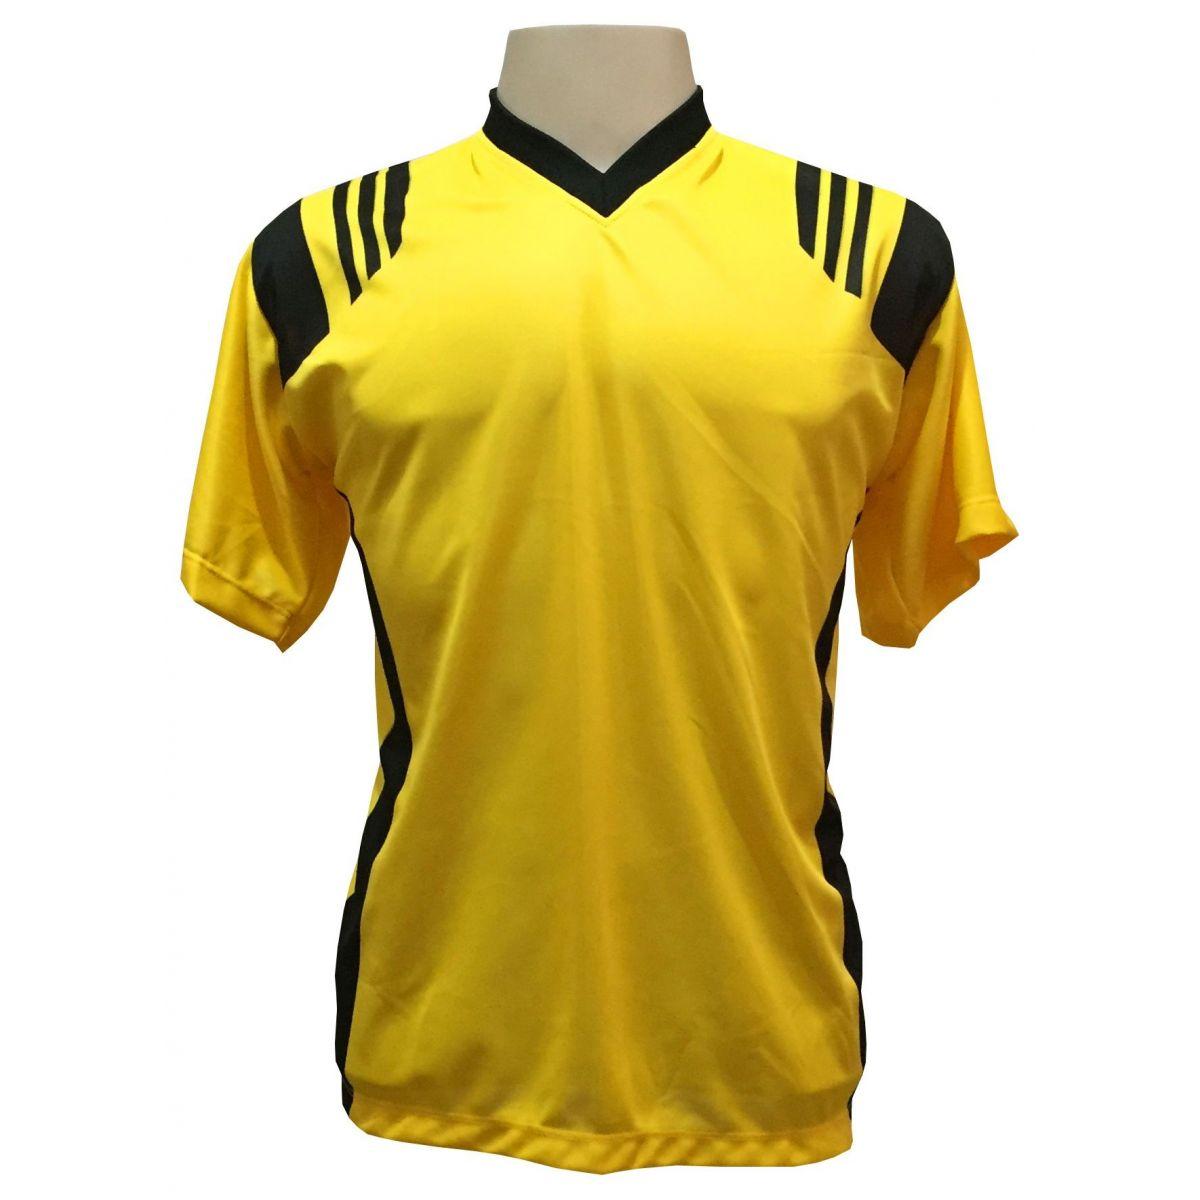 Uniforme Esportivo com 18 camisas modelo Roma Amarelo/Preto + 18 calções modelo Madrid Preto + Brindes